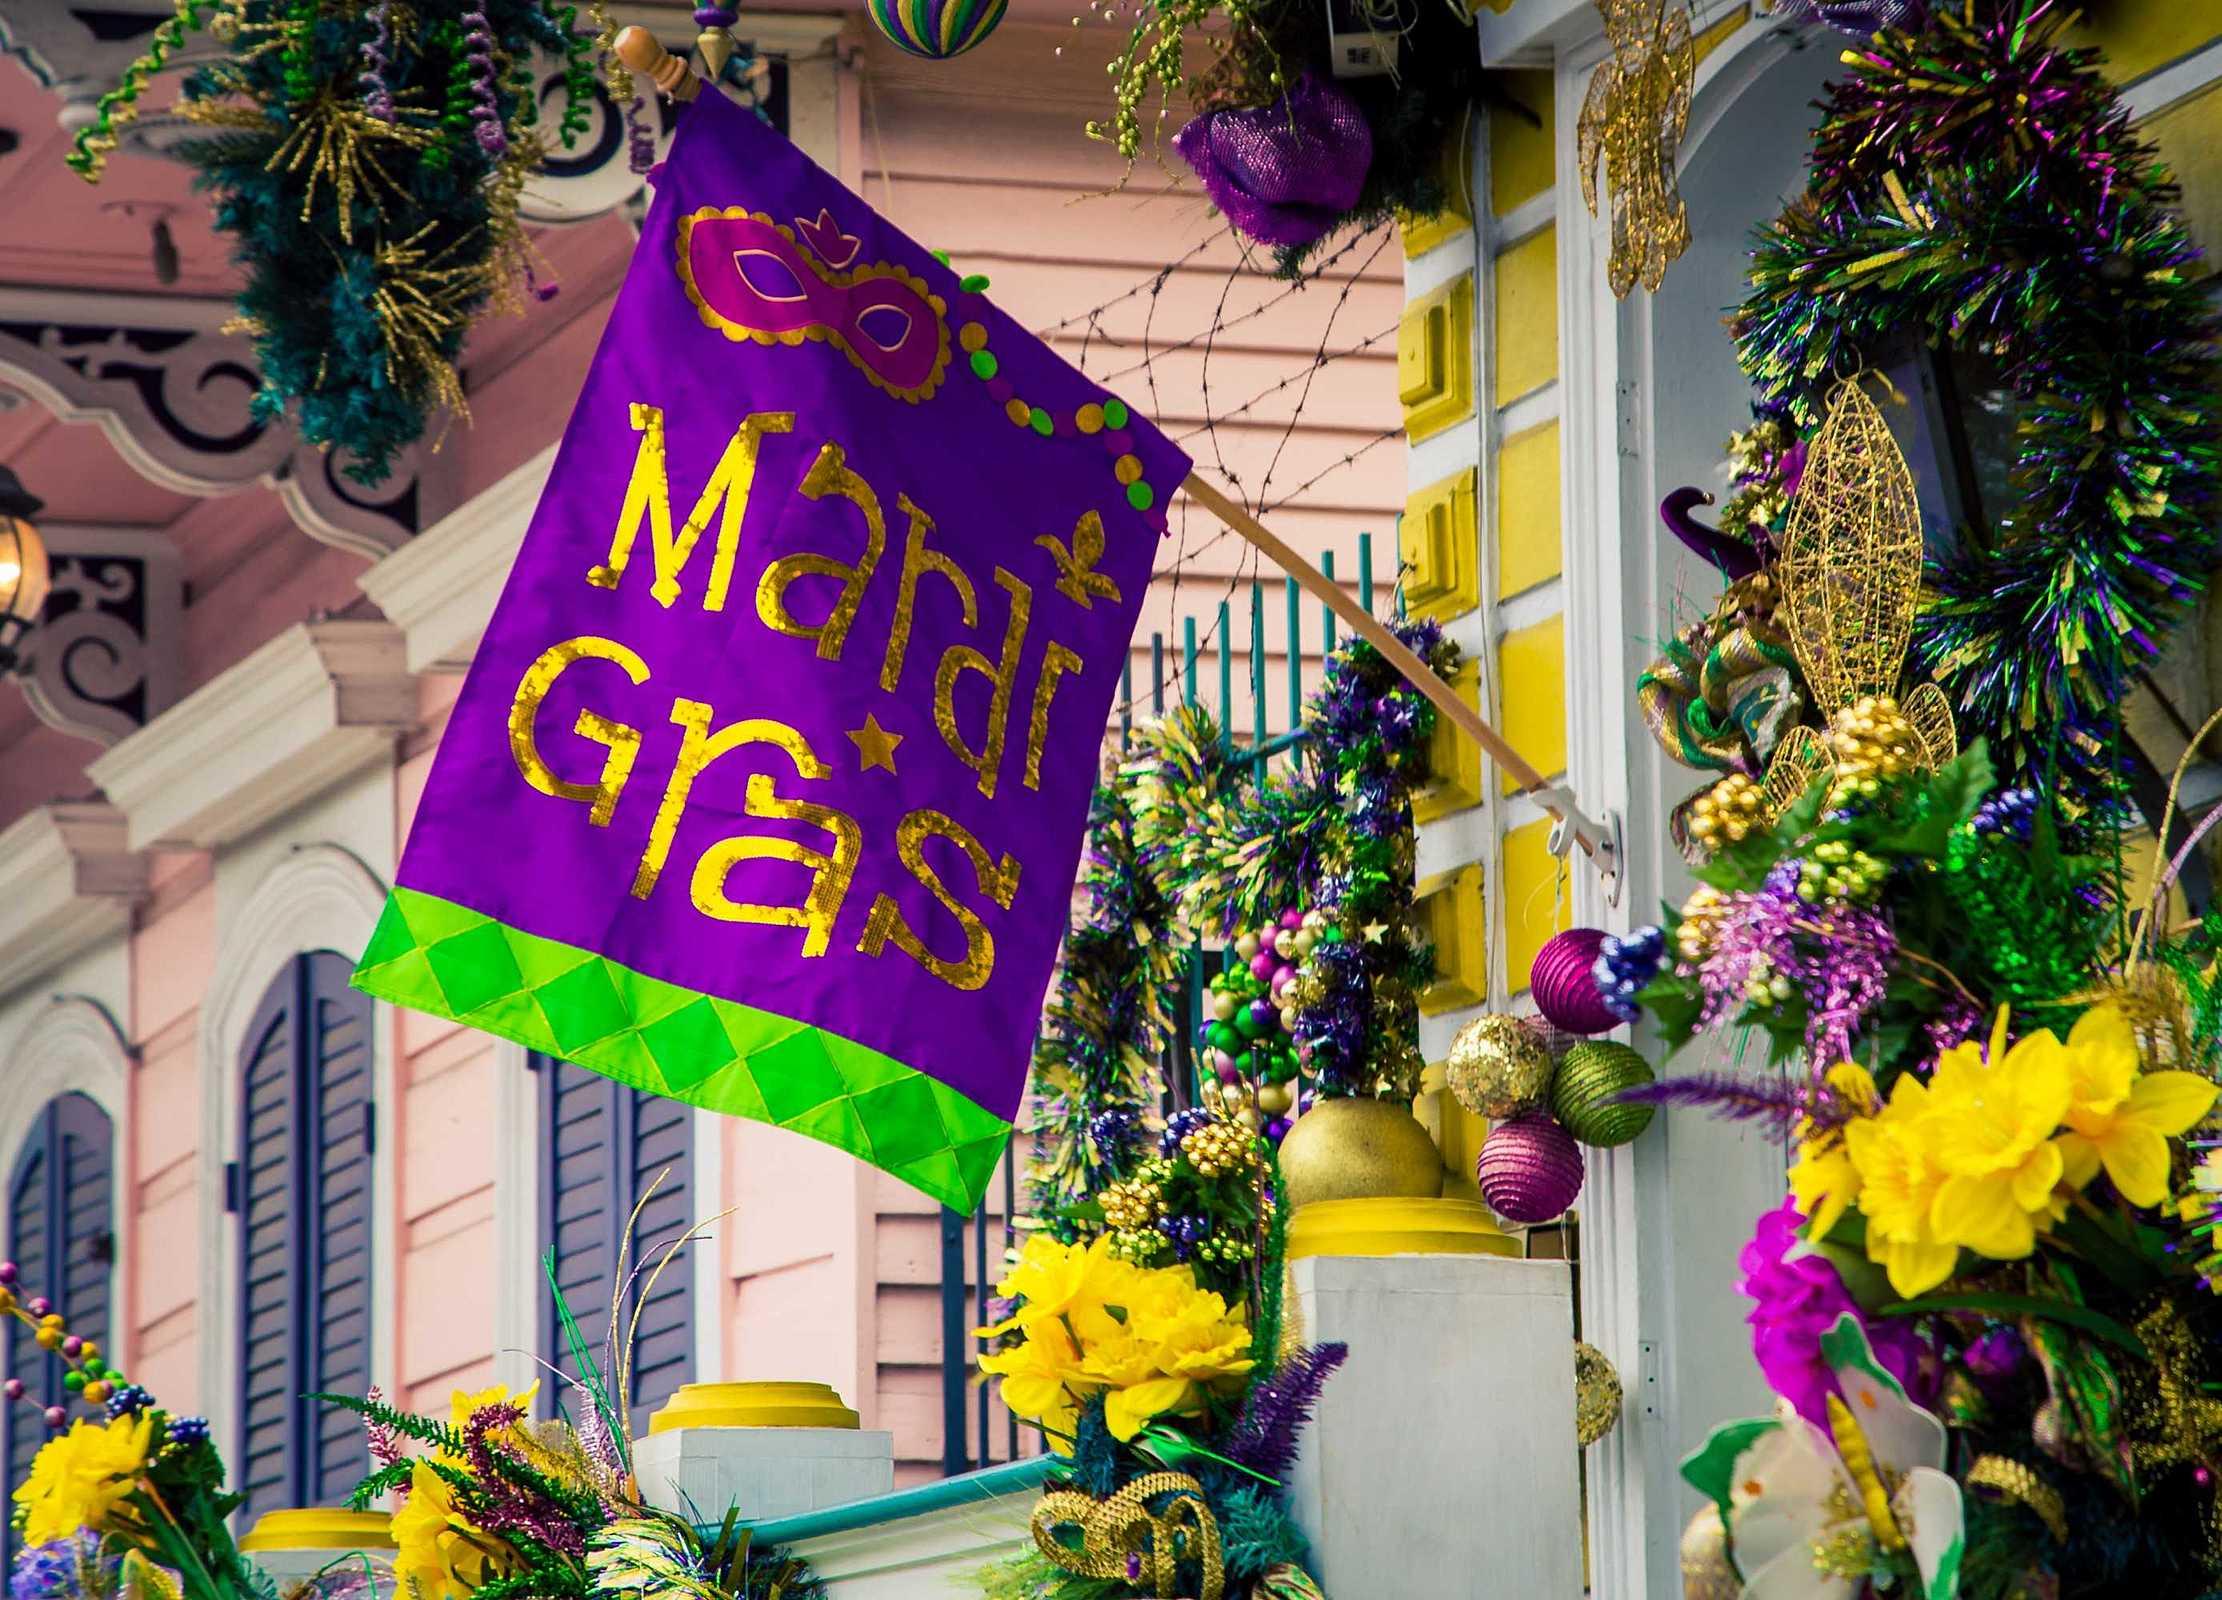 Conheça o Mardi Gras, o carnaval nos Estados Unidos